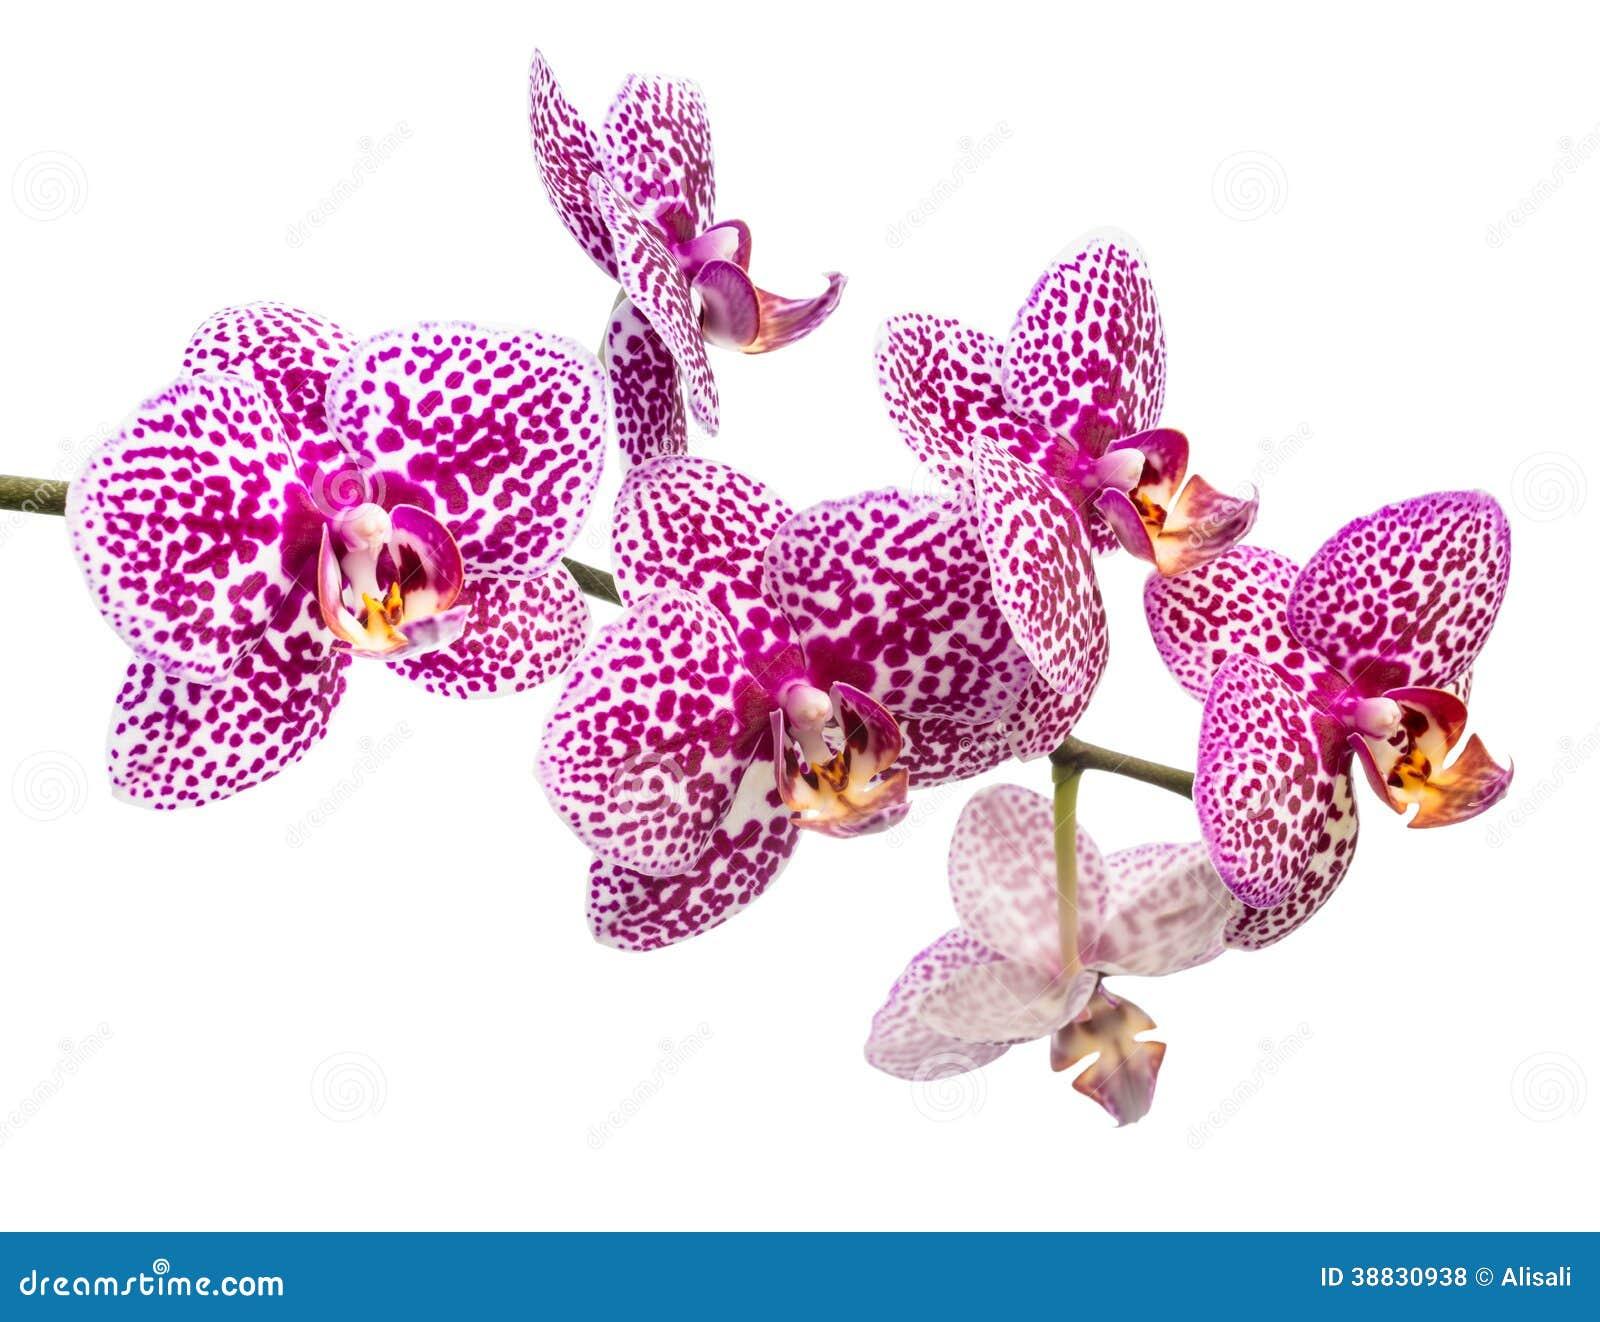 La branche fra che de l 39 orchid e tachet e lilas est isol e photo stock image 38830938 - Symbole de l orchidee ...